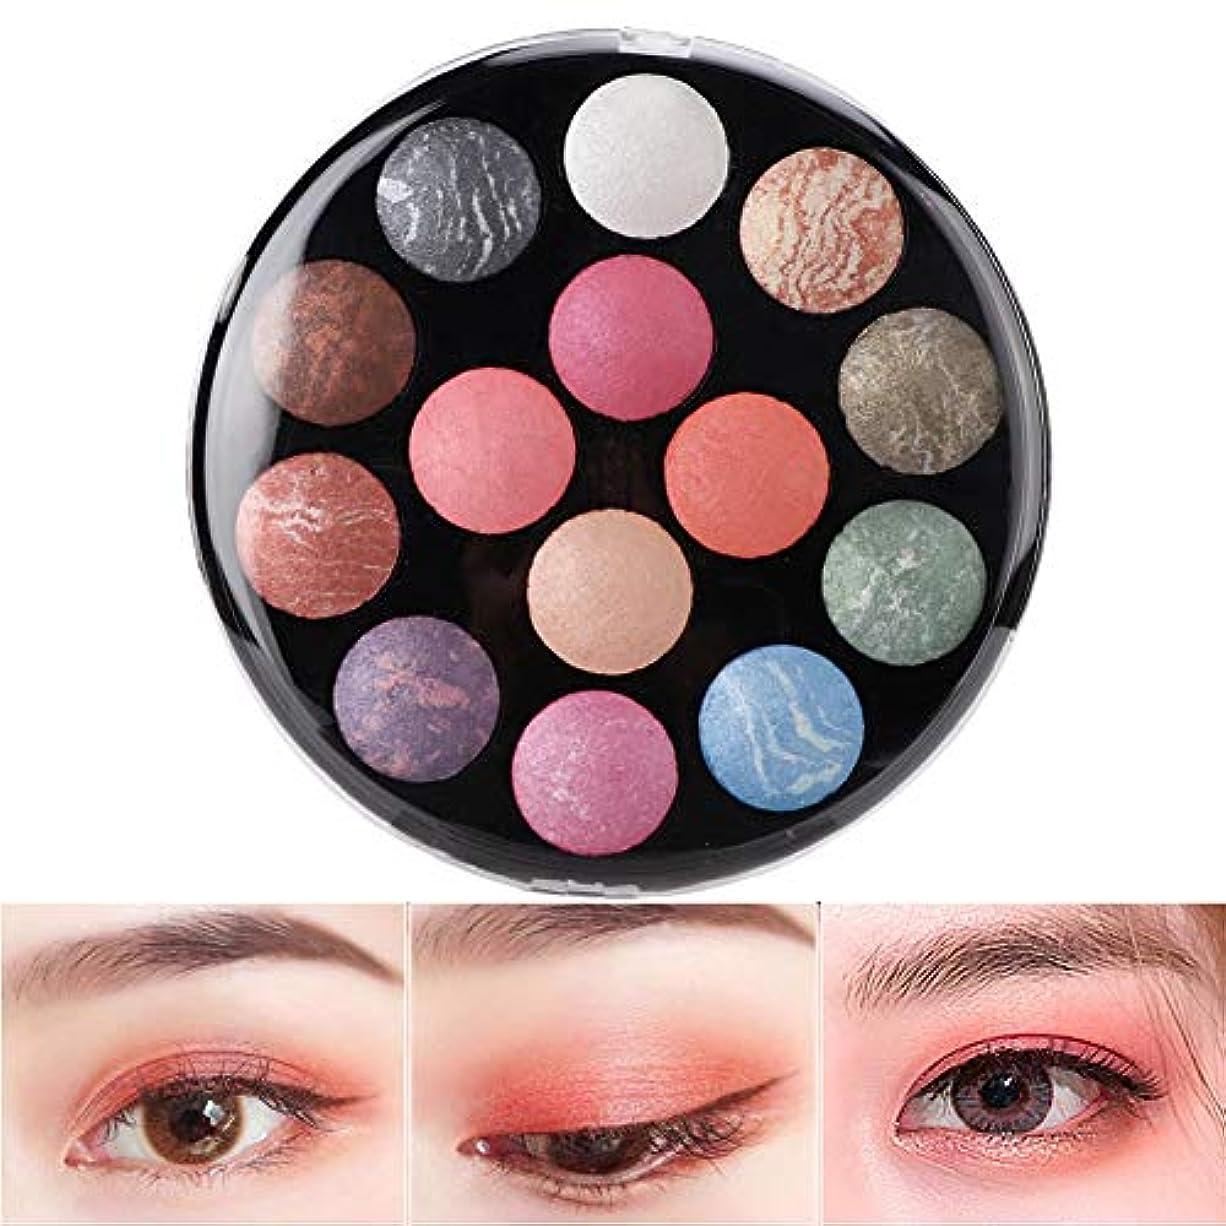 細胞に対応するピッチ14色アイシャドウパレット アイシャドウパレット 化粧マット グロス アイシャドウパウダー 化粧品ツール